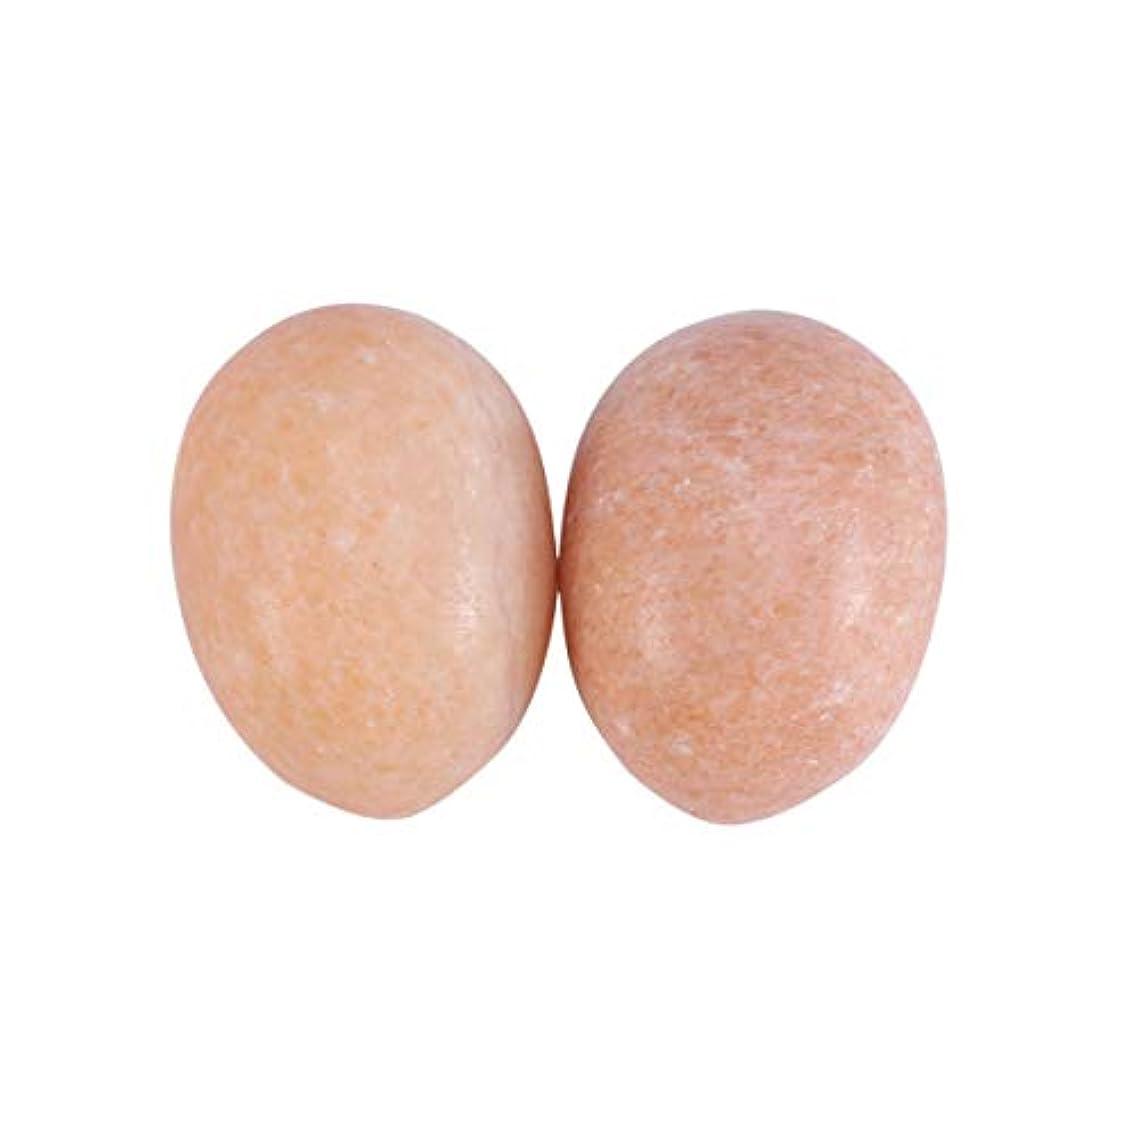 月区曖昧なSUPVOX 6個ネフライト玉ヨードエッグ玉ヨードマッサージストーンチャクラ骨盤筋肉の癒しの卵マッサージケゲル運動(夕焼けの赤卵)